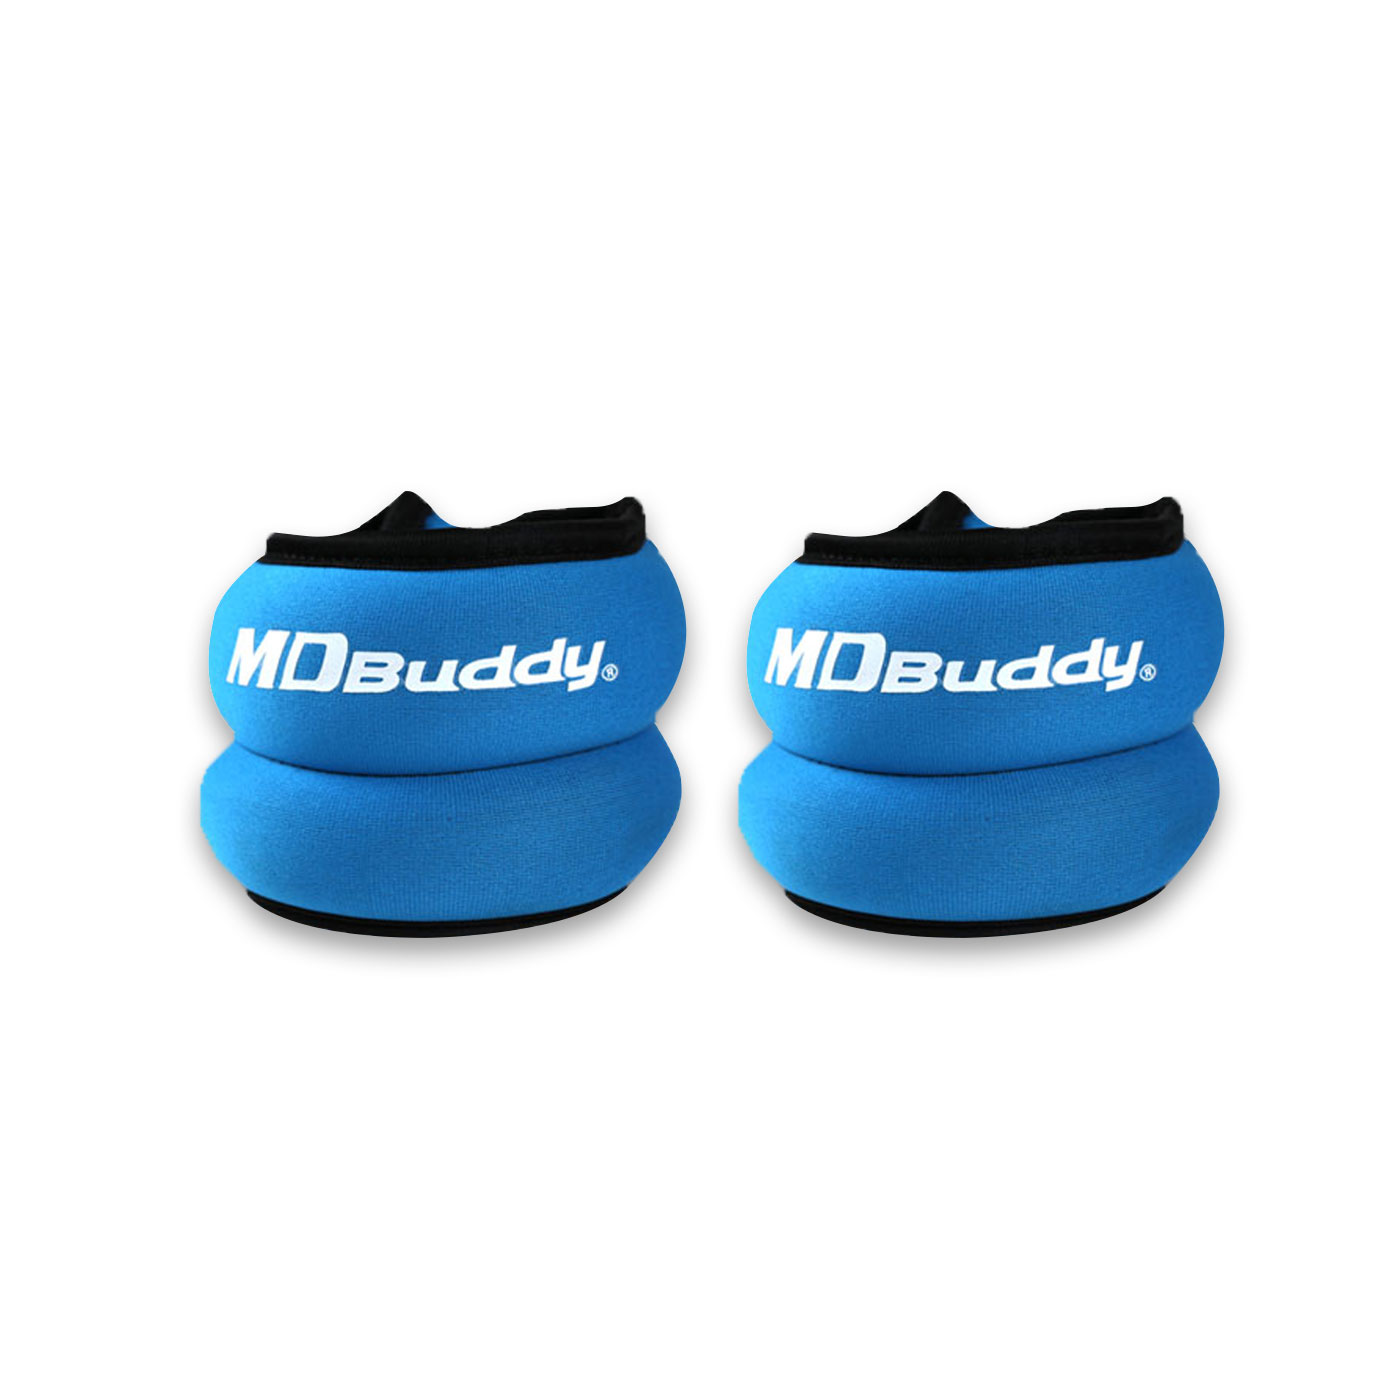 MDBuddy 腕帶式負重手套2KG(一雙) 6022601 - 隨機